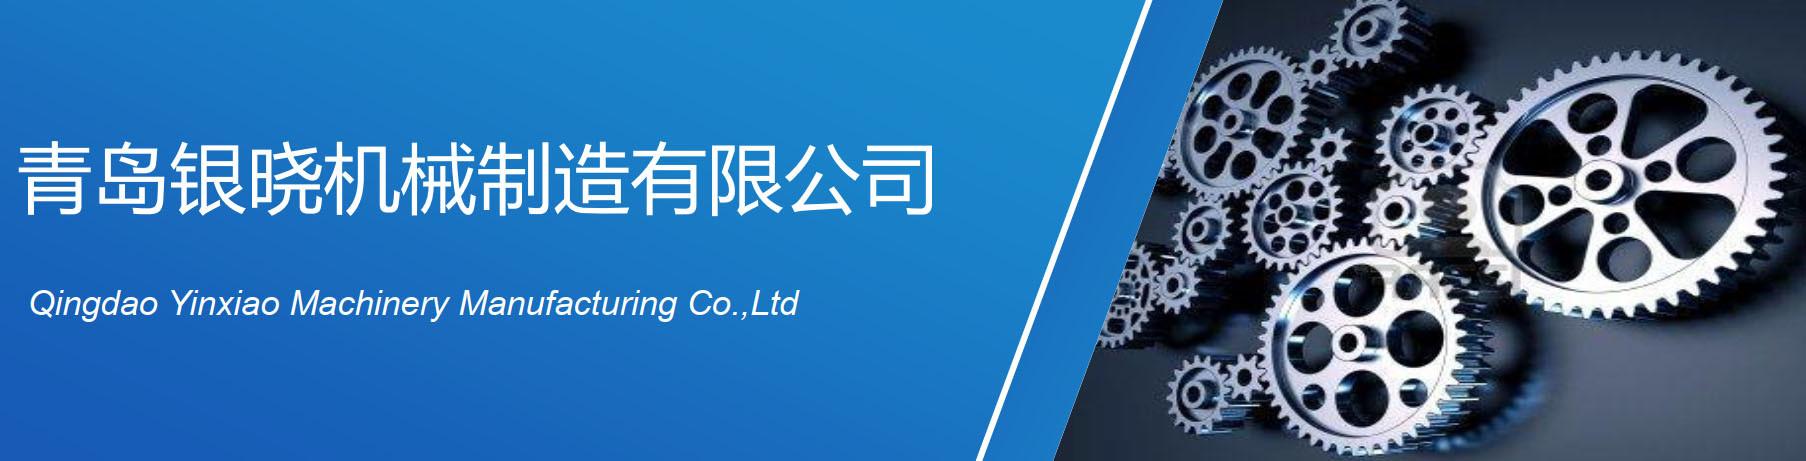 Fabricante de maquinaria Yinxiao